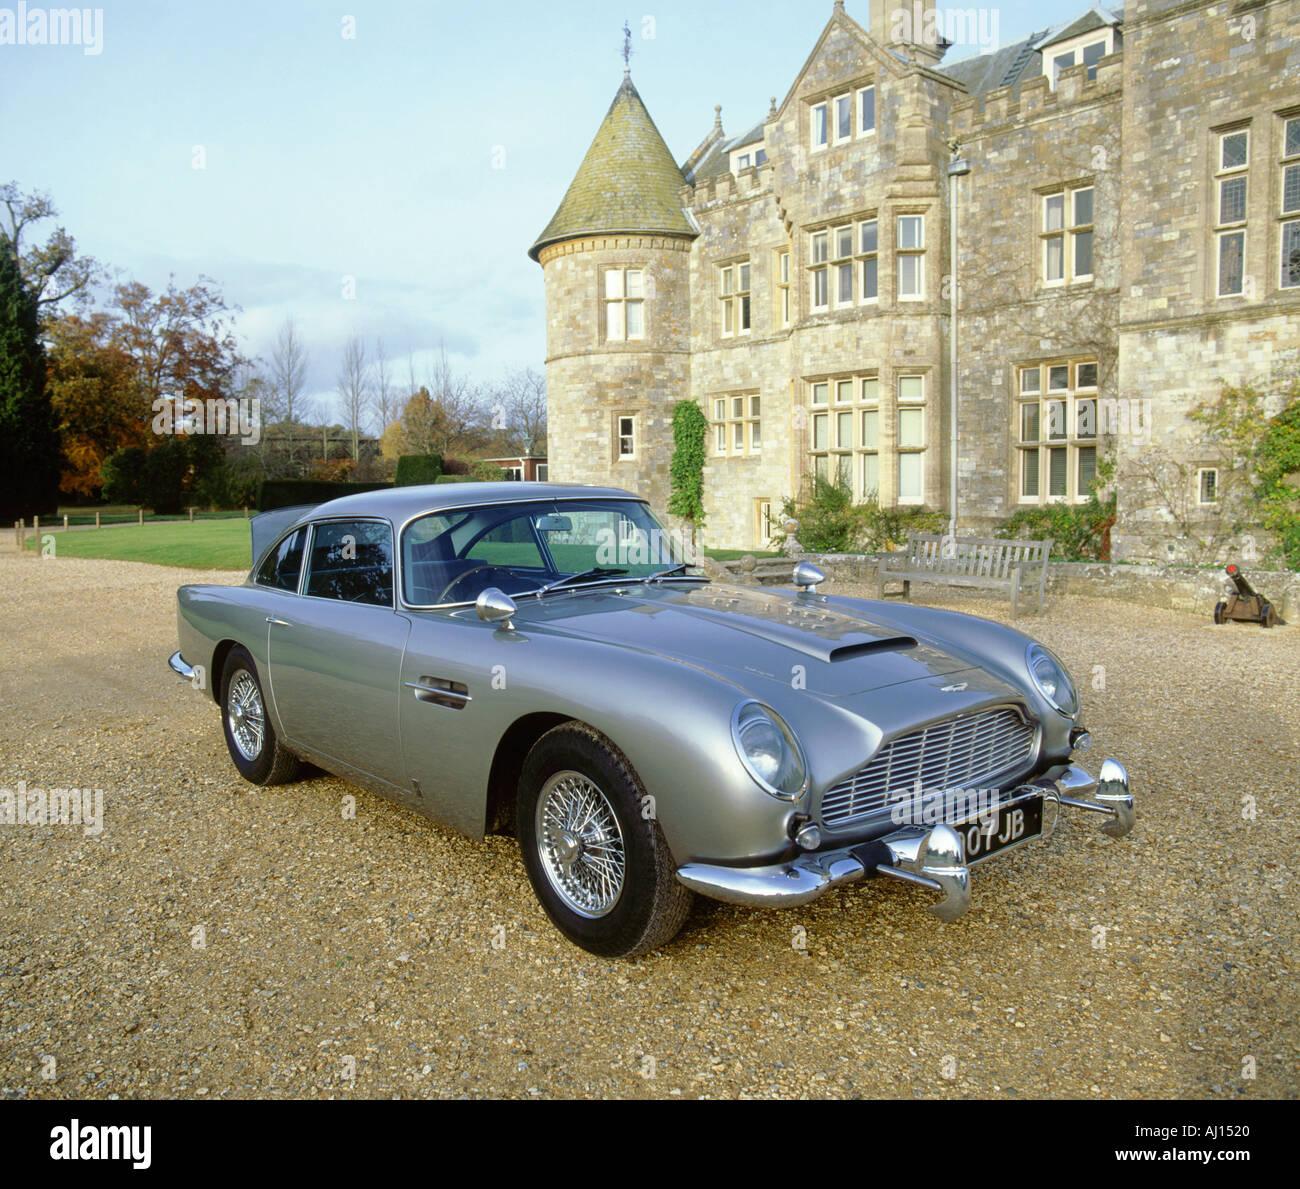 1965 Aston Martin DB5 James Bond Photo Stock